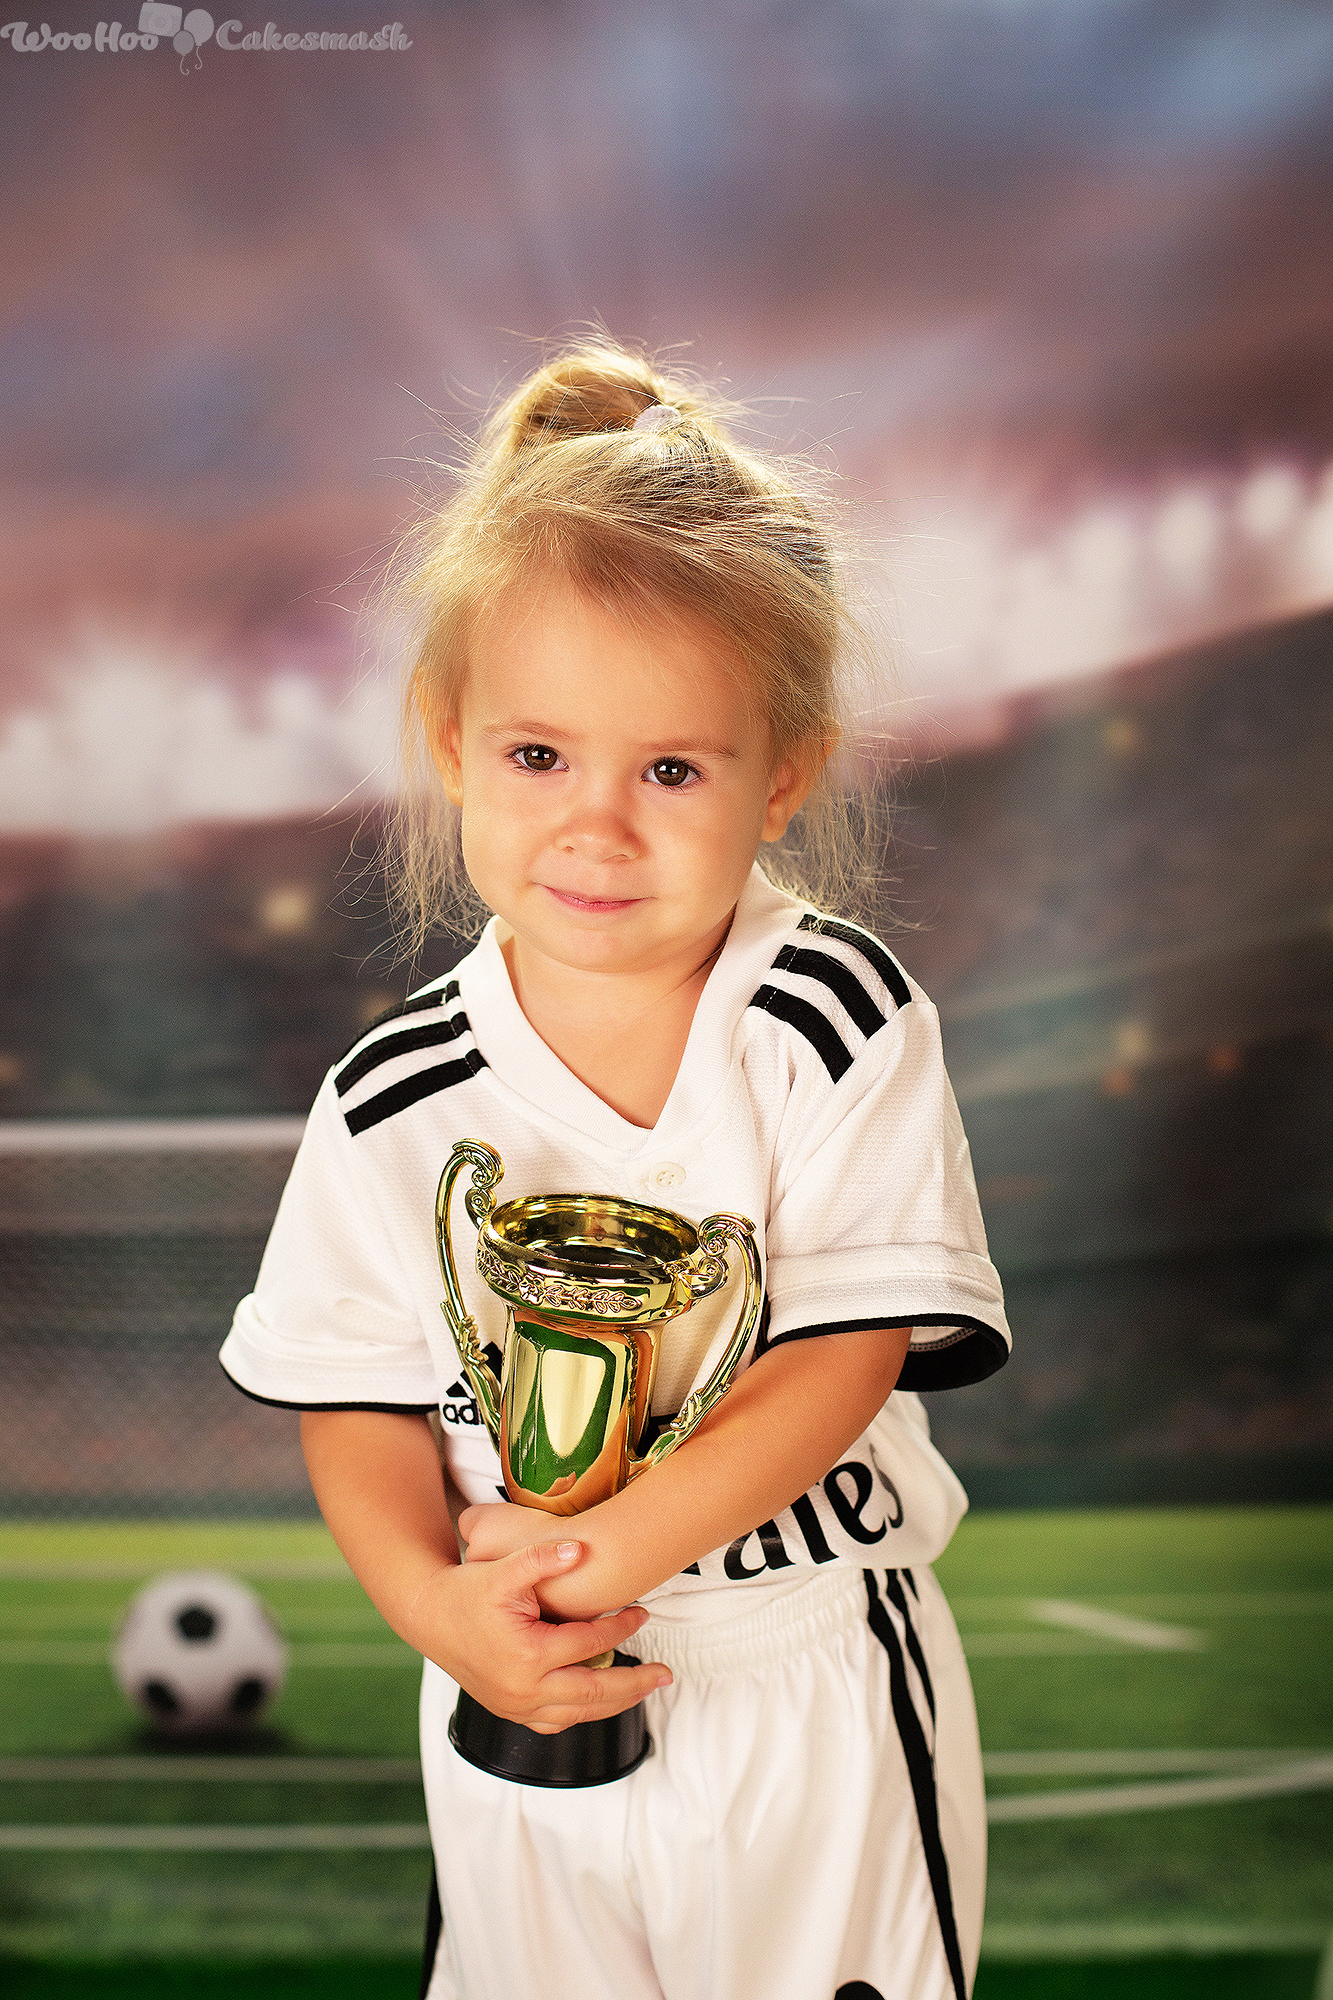 woohoo_cakesmash_Katya_football_girl_3